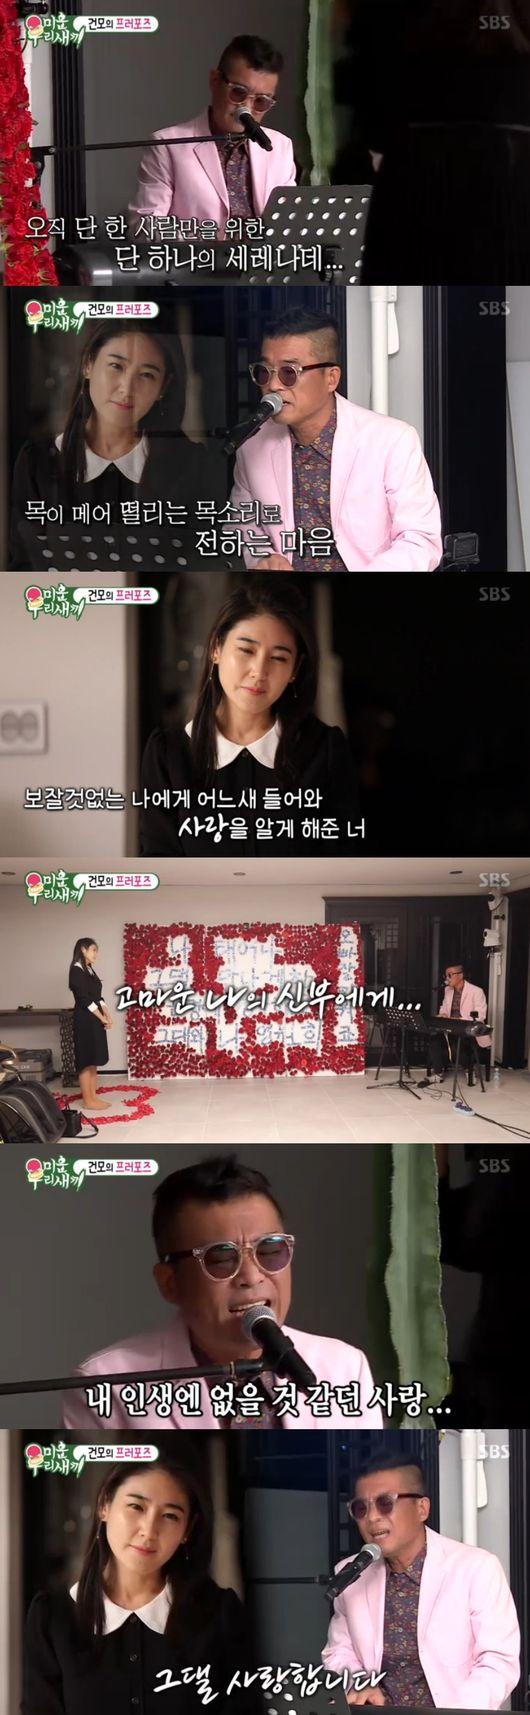 '미우새' 김건모♥장지연, 눈물의 프러포즈 공개‥성폭행 의혹 논란 '편집無' [종합]